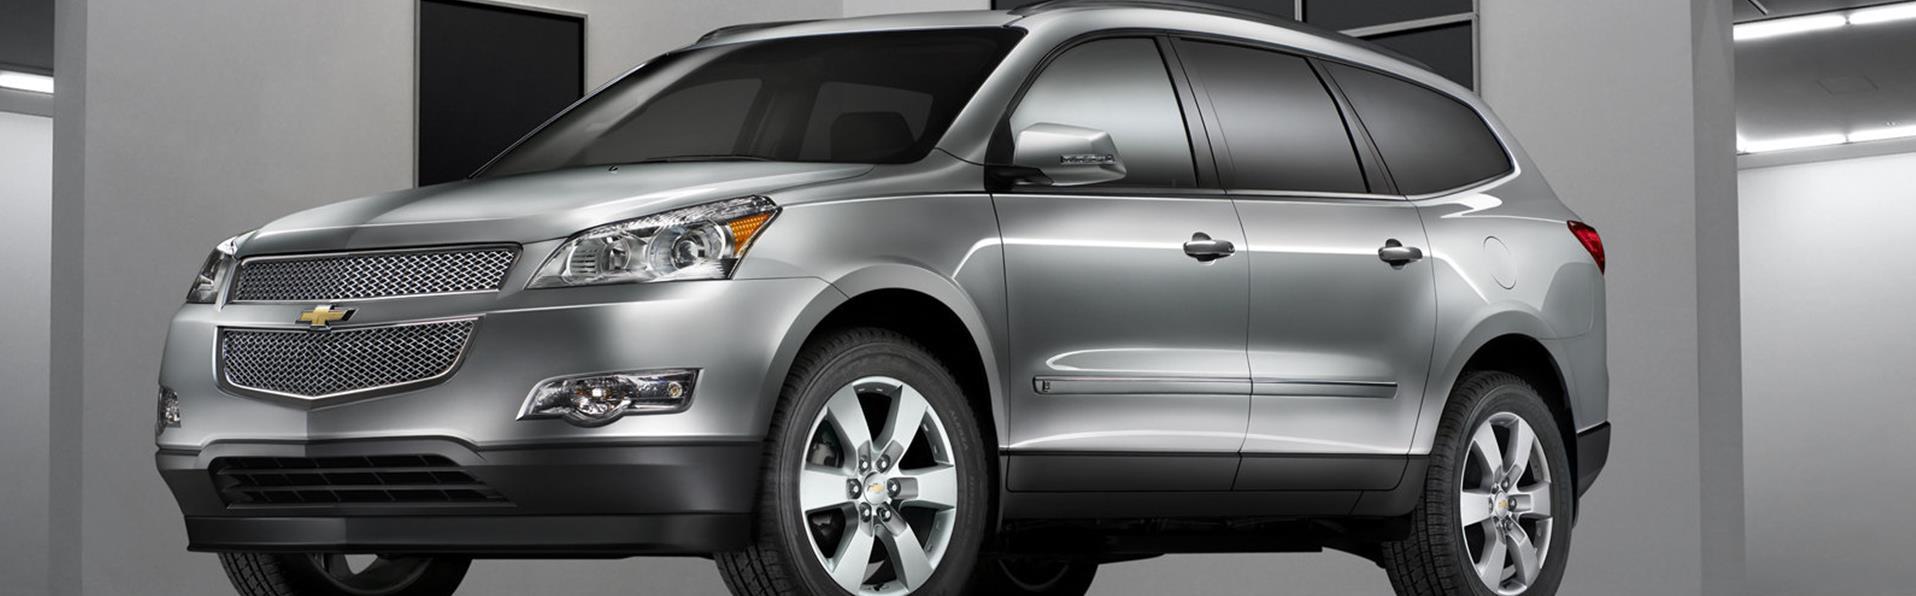 Used Cars Sioux City >> Used Cars Sioux City Ia Used Cars Trucks Ia J E Auto